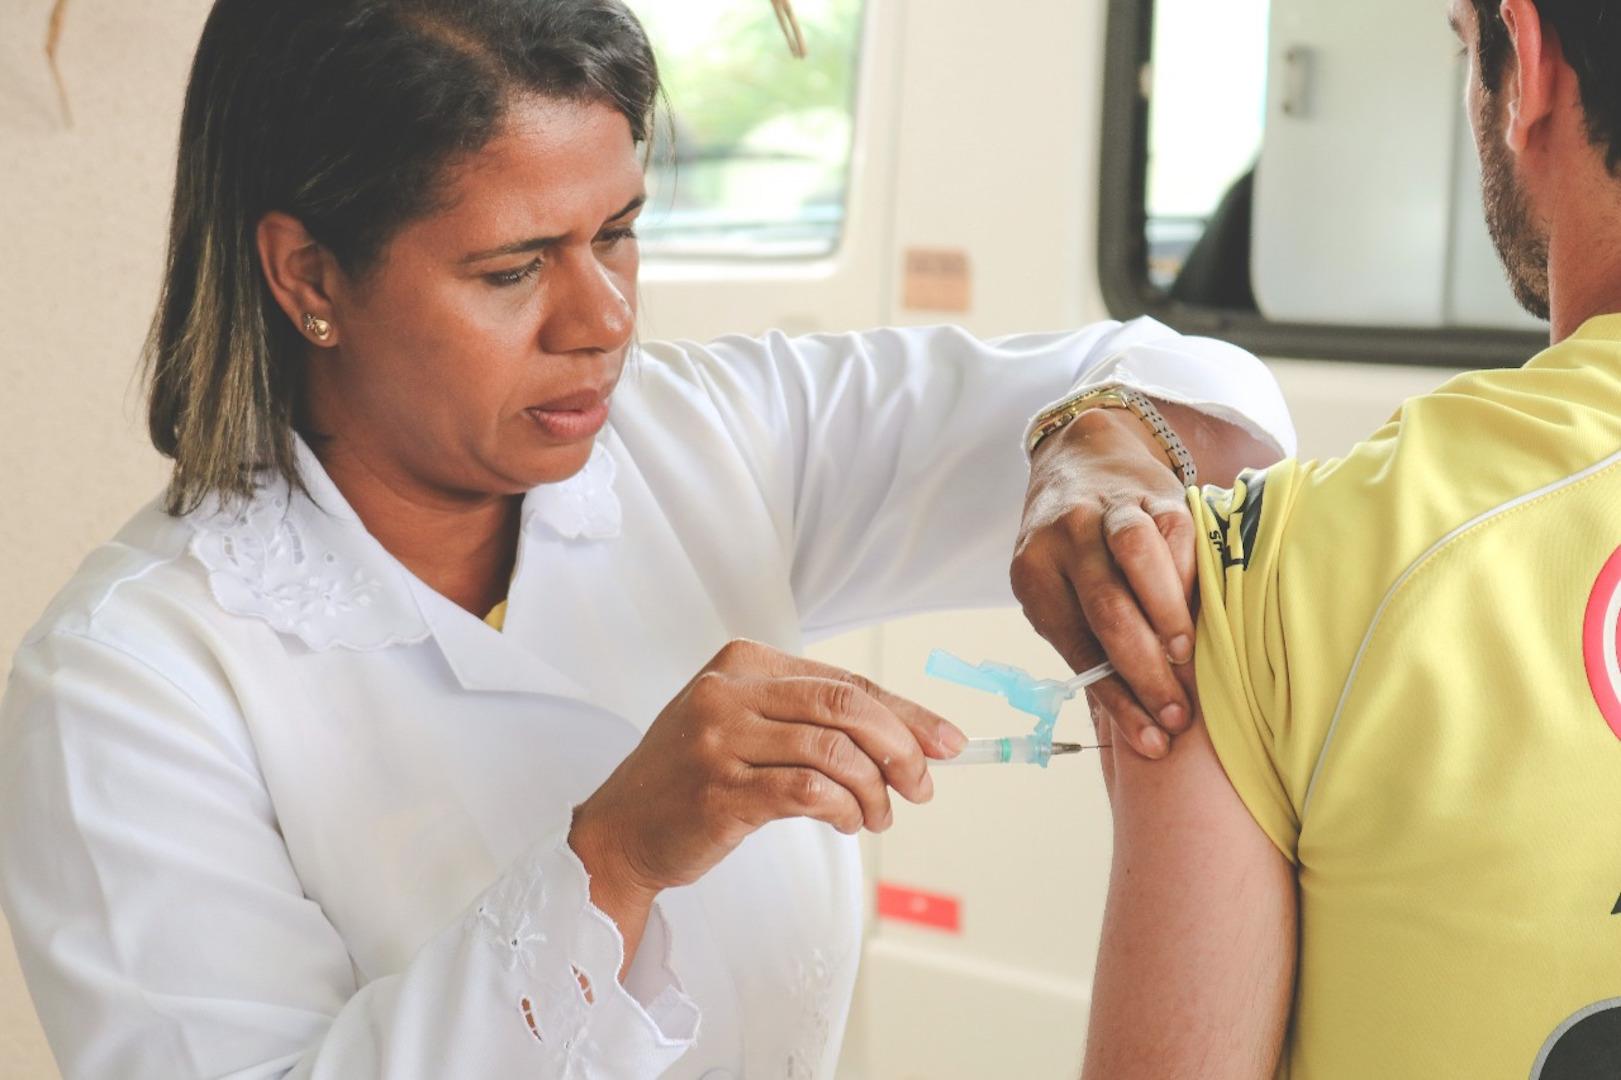 Feira de saúde na Bahia inclui serviços até para pets